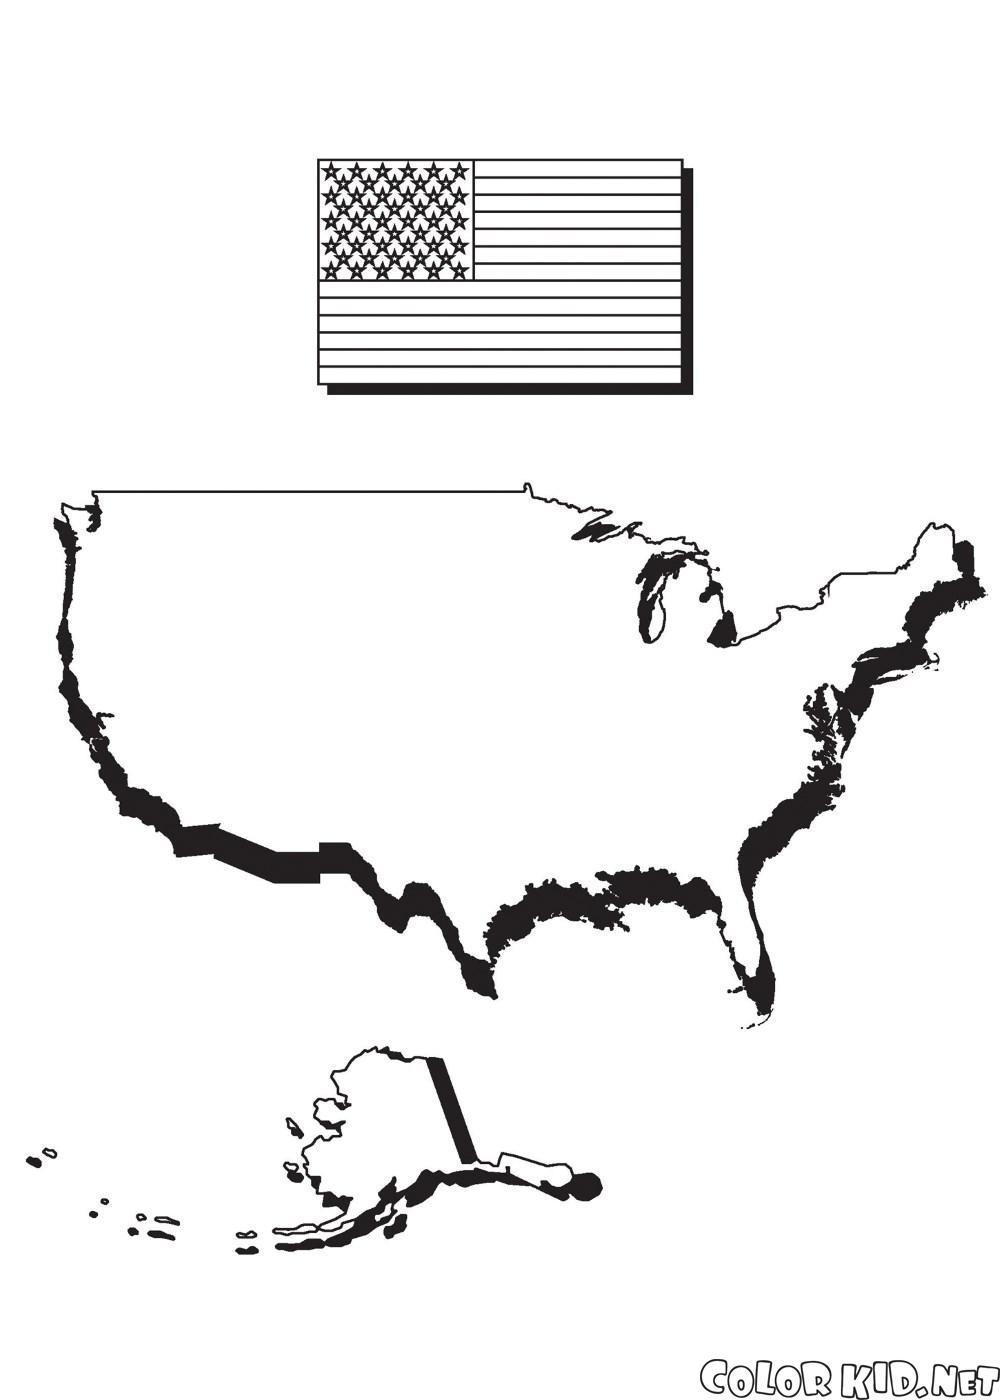 アメリカと国旗と地図